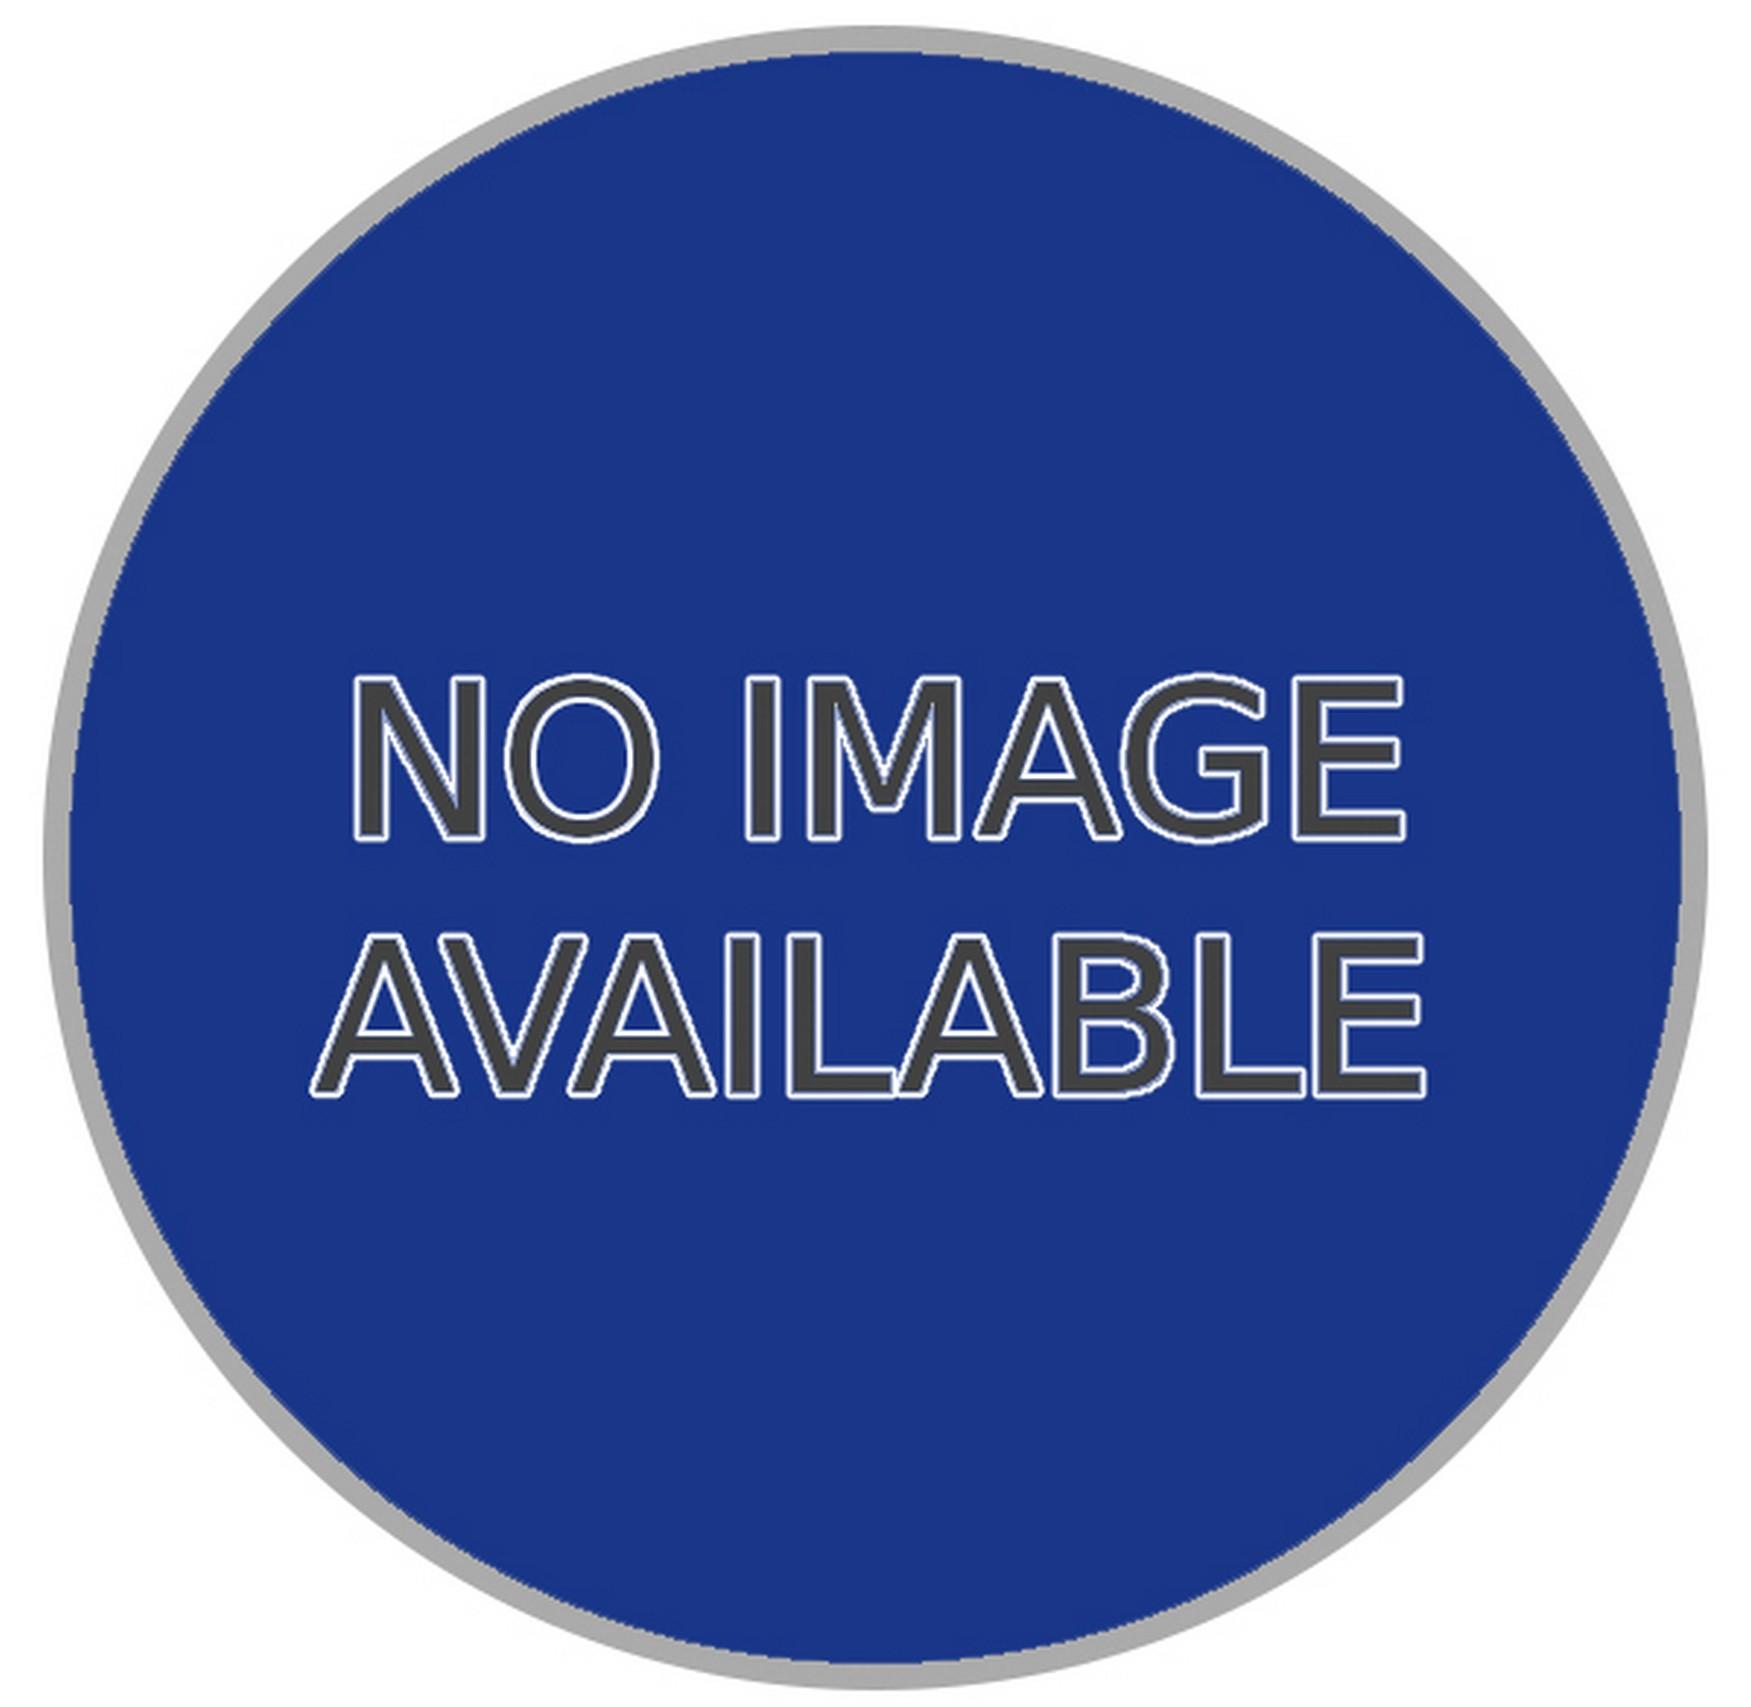 കാനഡ പാസ്റ്റേഴ്സ് ഫെല്ലോഷിപ്പ് പ്രാര്ത്ഥനാസംഗമം വിജയകരമായി നടത്തി